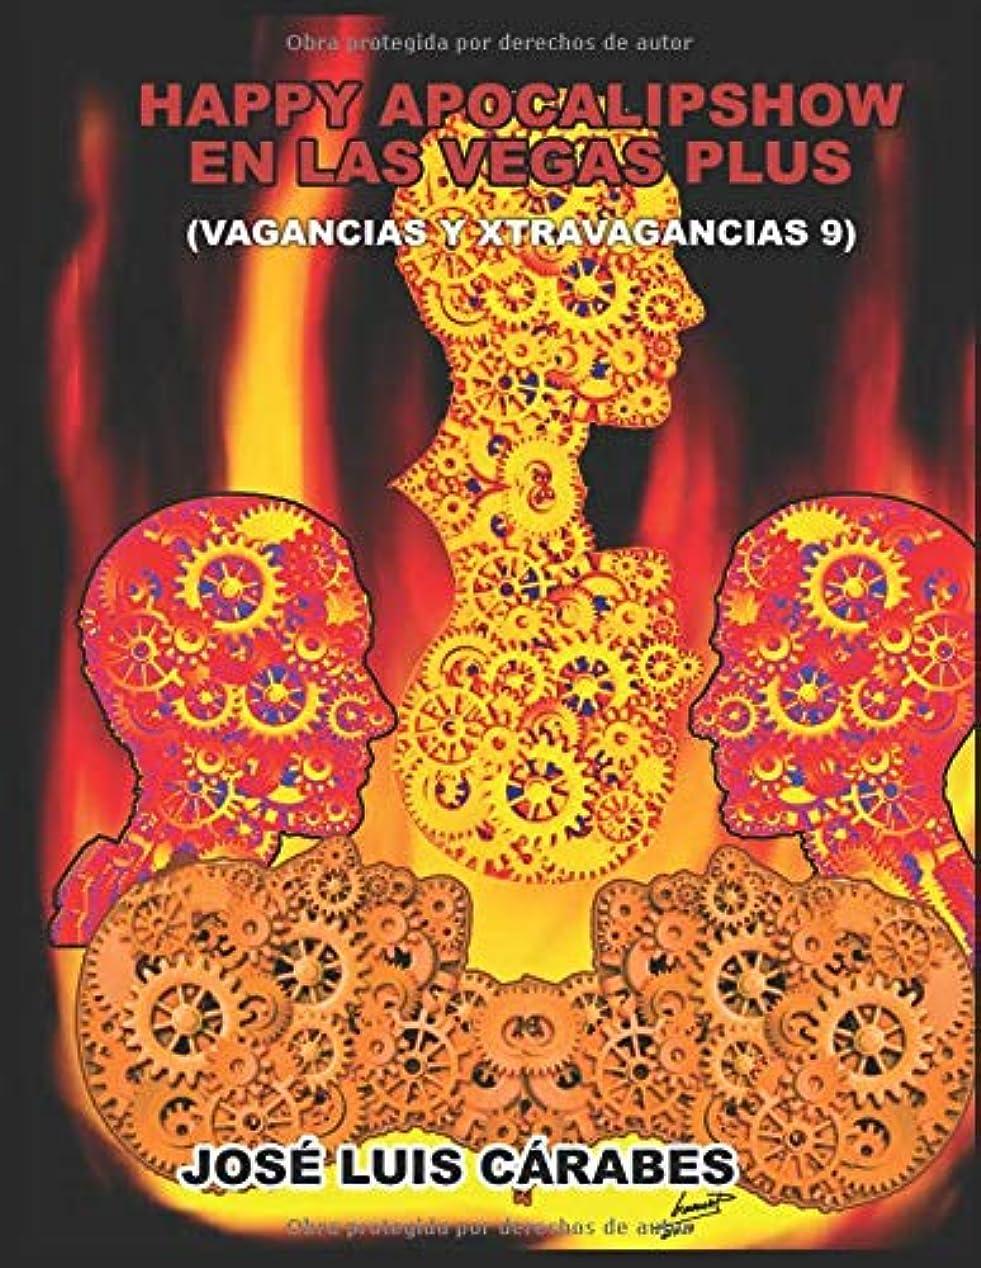 企業ヒット練るHAPPY APOCALIPSHOW EN LAS VEGAS PLUS: (VAGANCIAS Y XTRAVAGANCIAS 9)